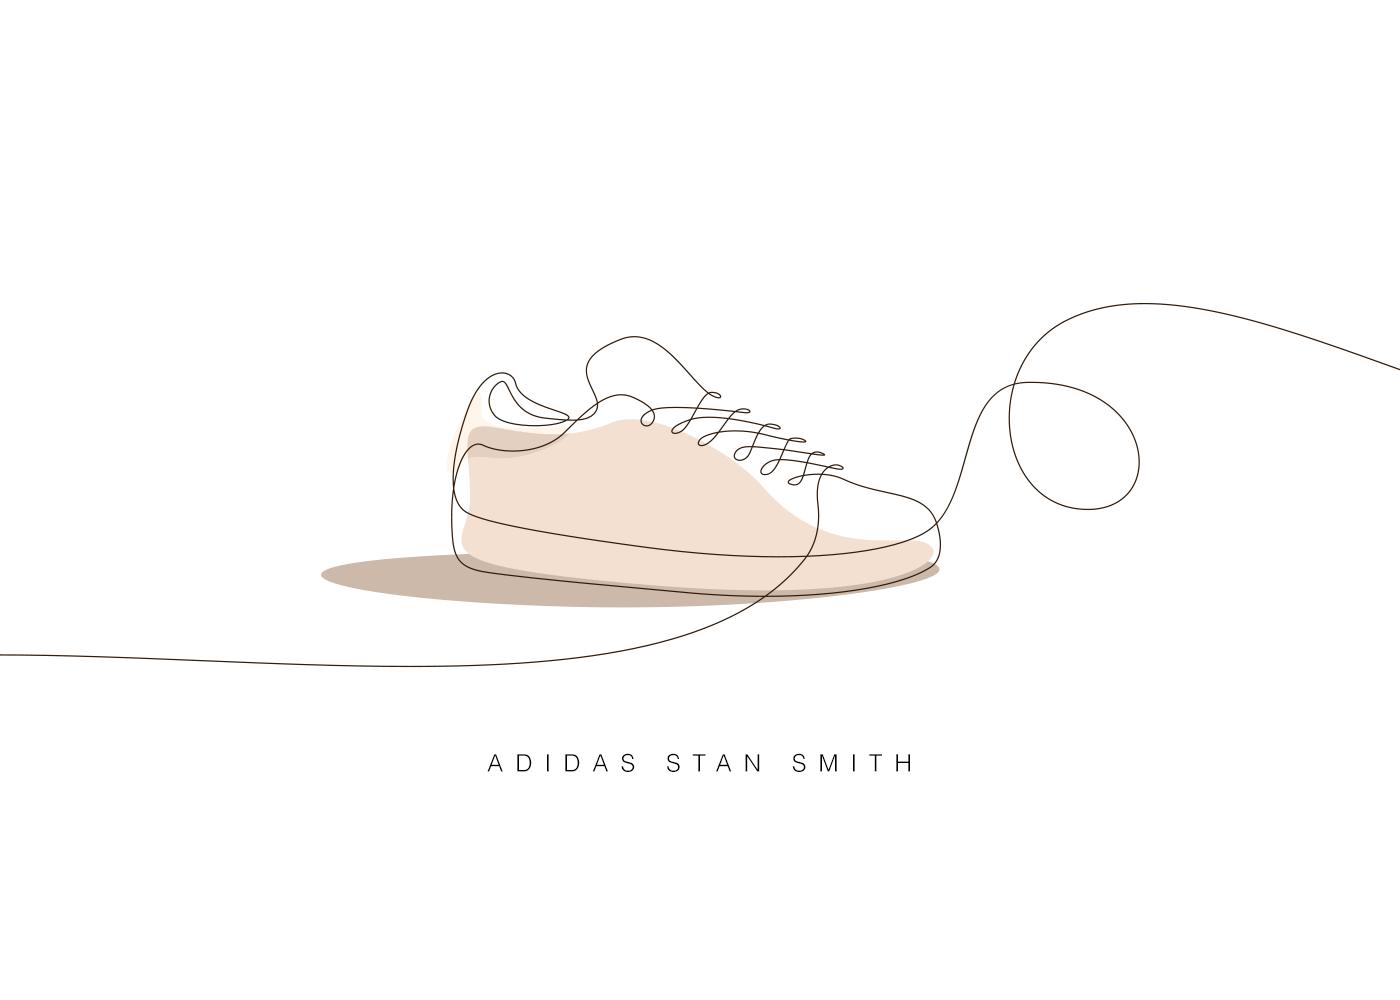 One line - Memorable sneakers